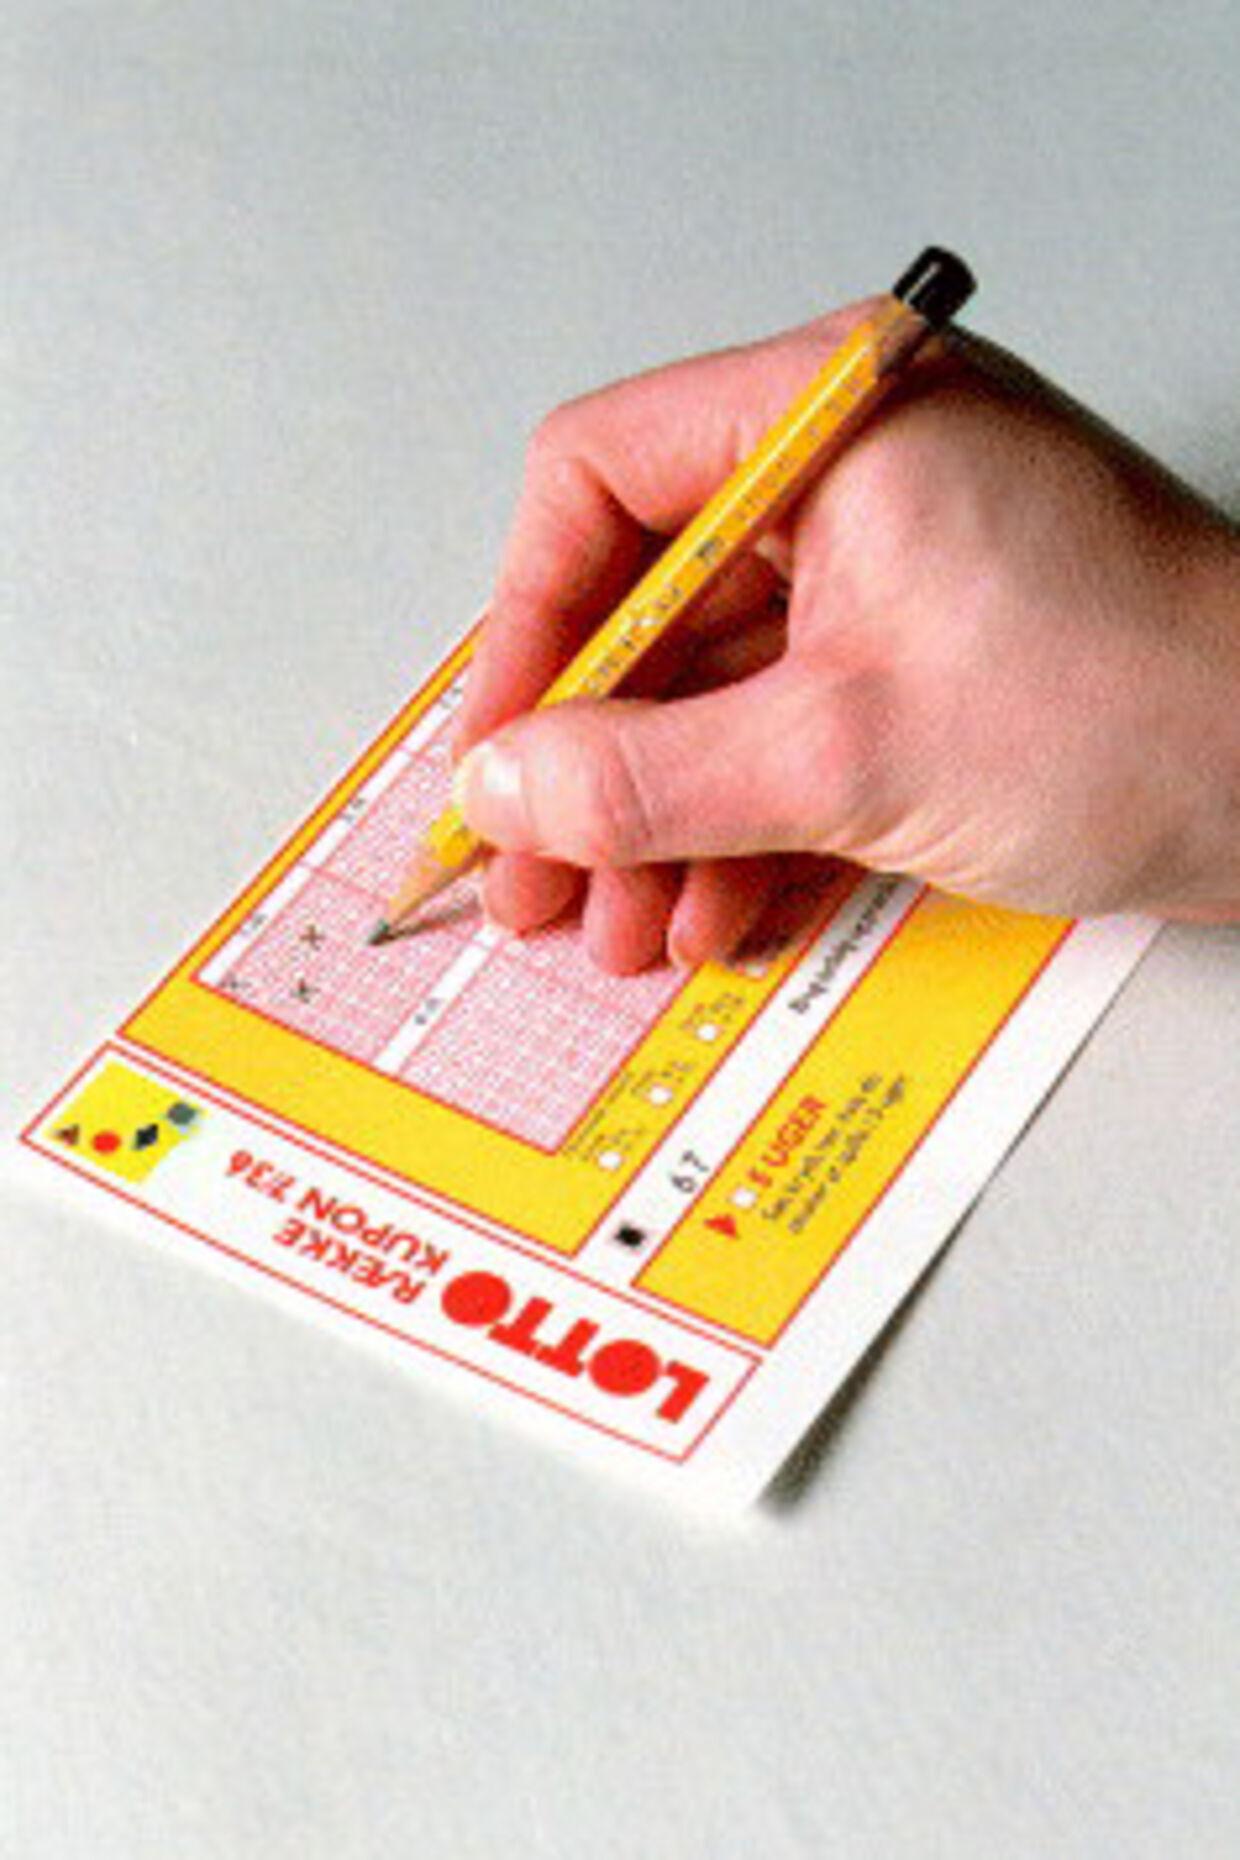 Ni ud af ti danskere taber  gerne penge på tips og lotto, hvis bare overskuddet går til  velgørende formål.